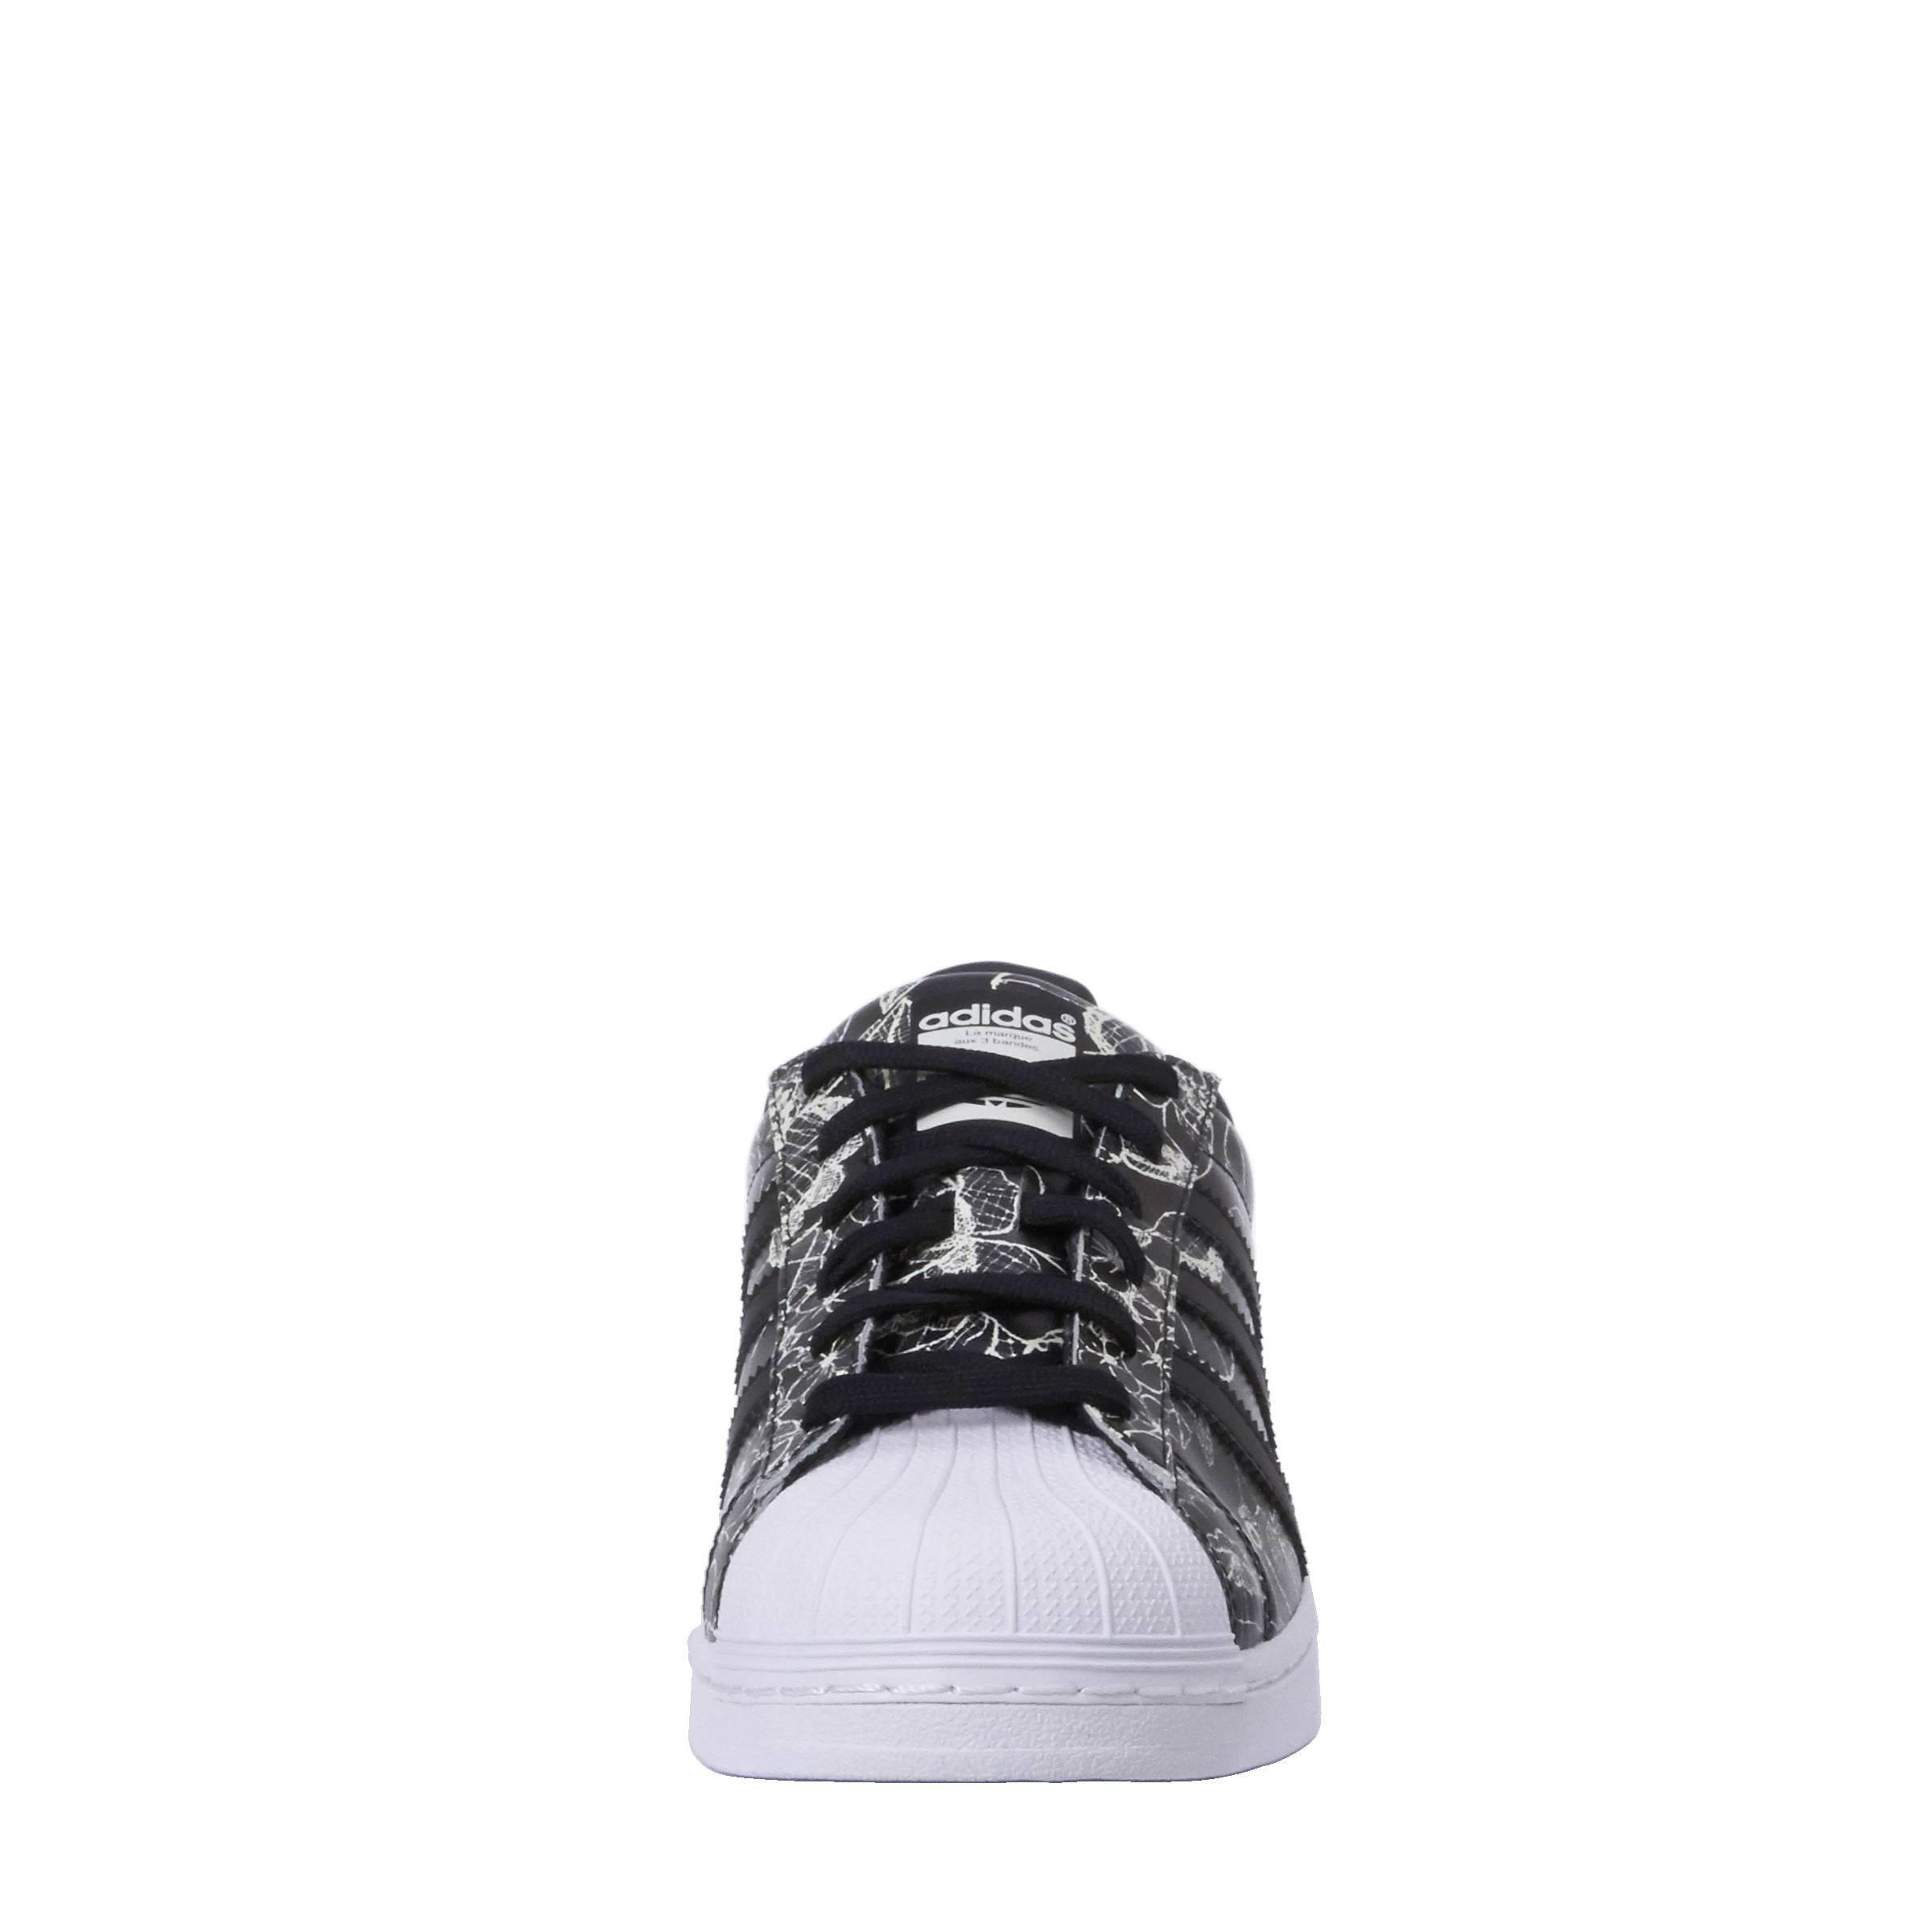 adidas Originals Superstar sneakers | wehkamp